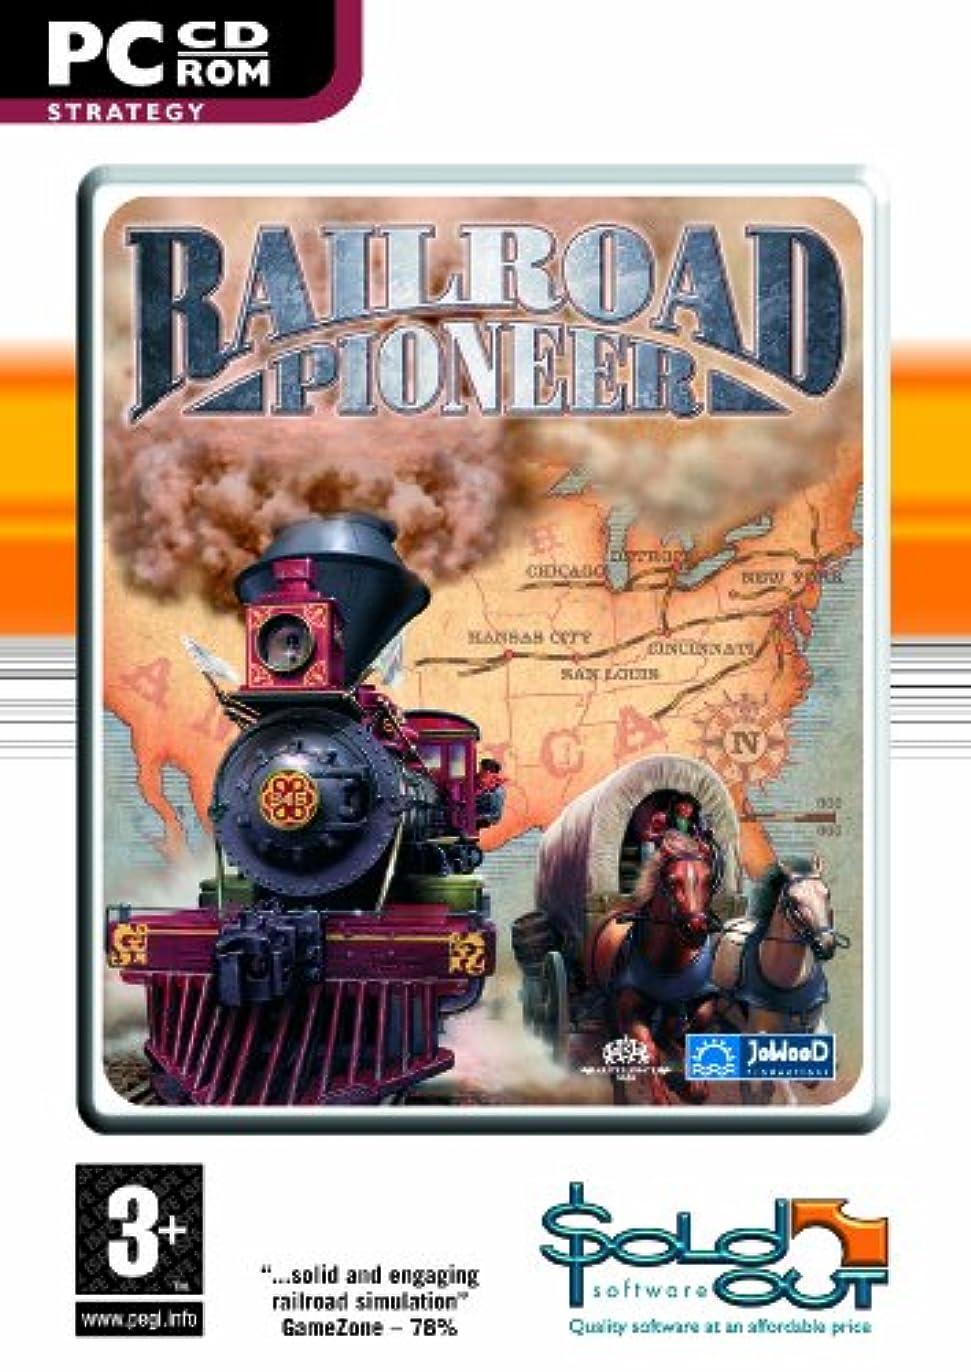 シャンパン苦痛紳士Railroad Pioneer (輸入版)